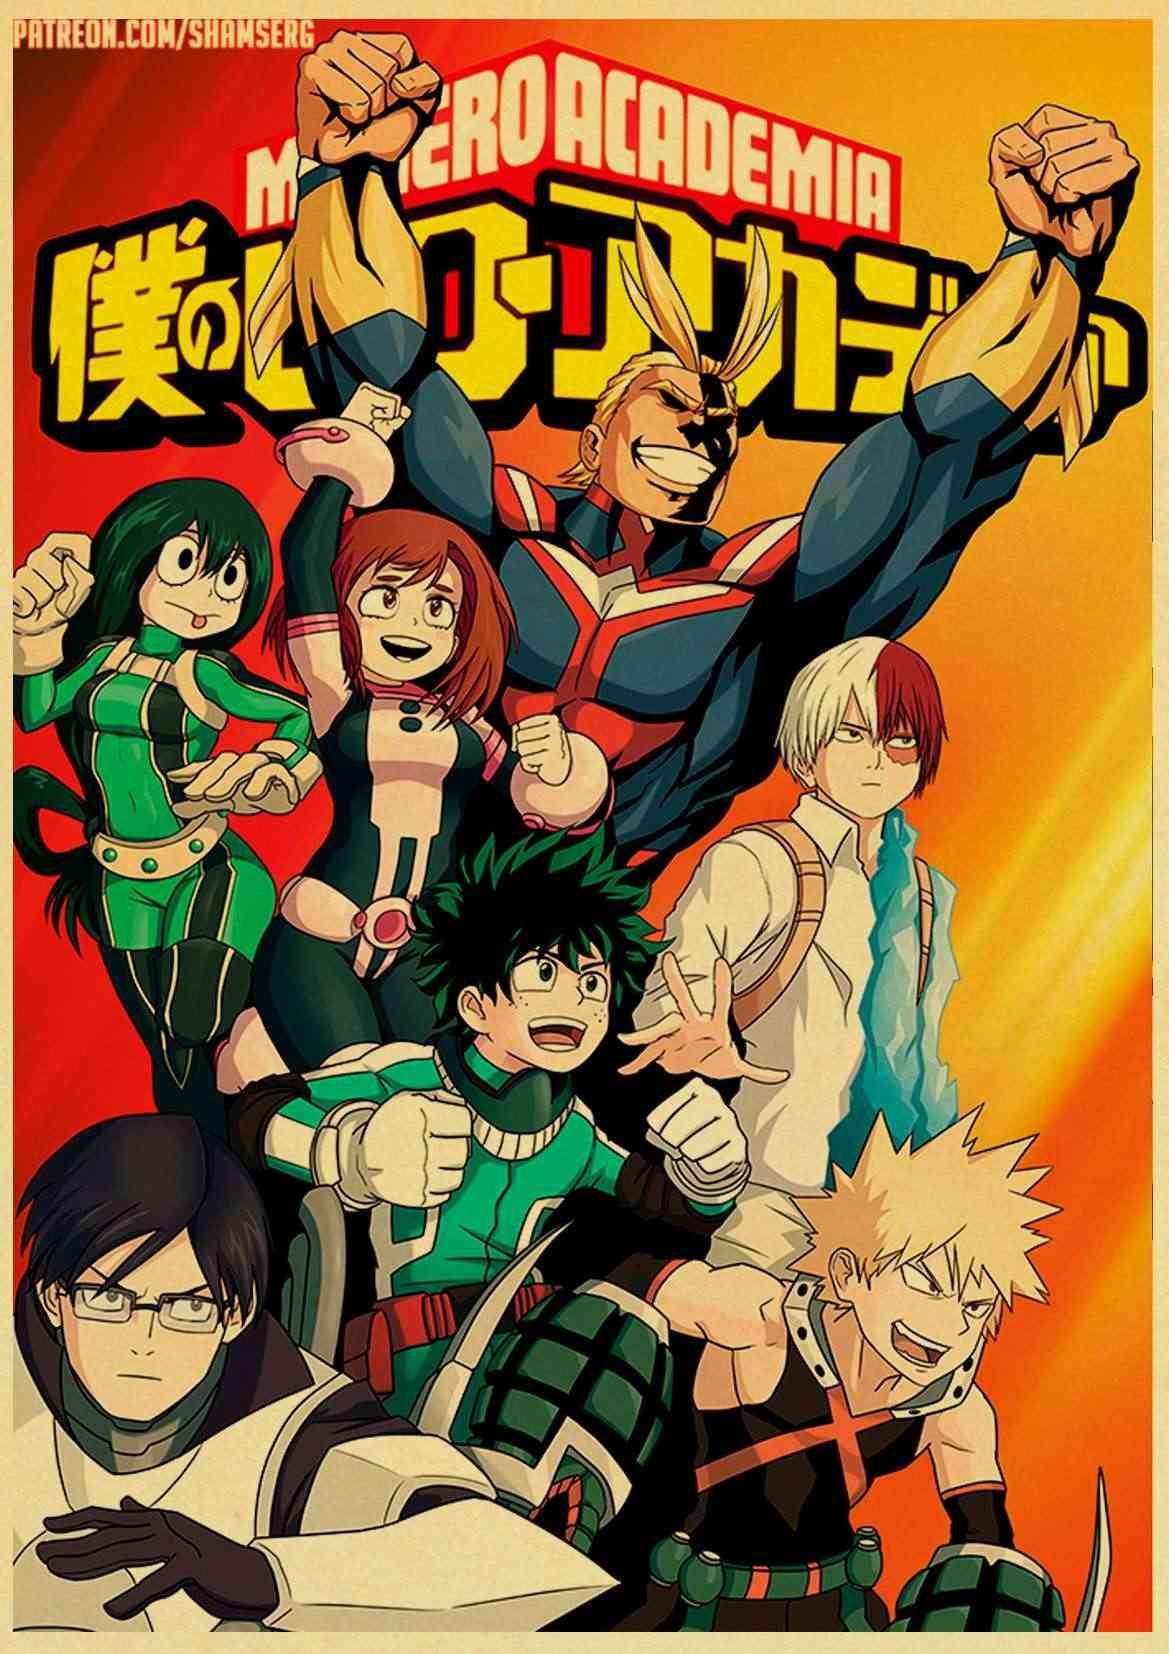 Janpnese Anime Mijn Hero Academia Retro Posters Kraft Behang Hoge Kwaliteit Schilderij Voor Home Decor Muurstickers